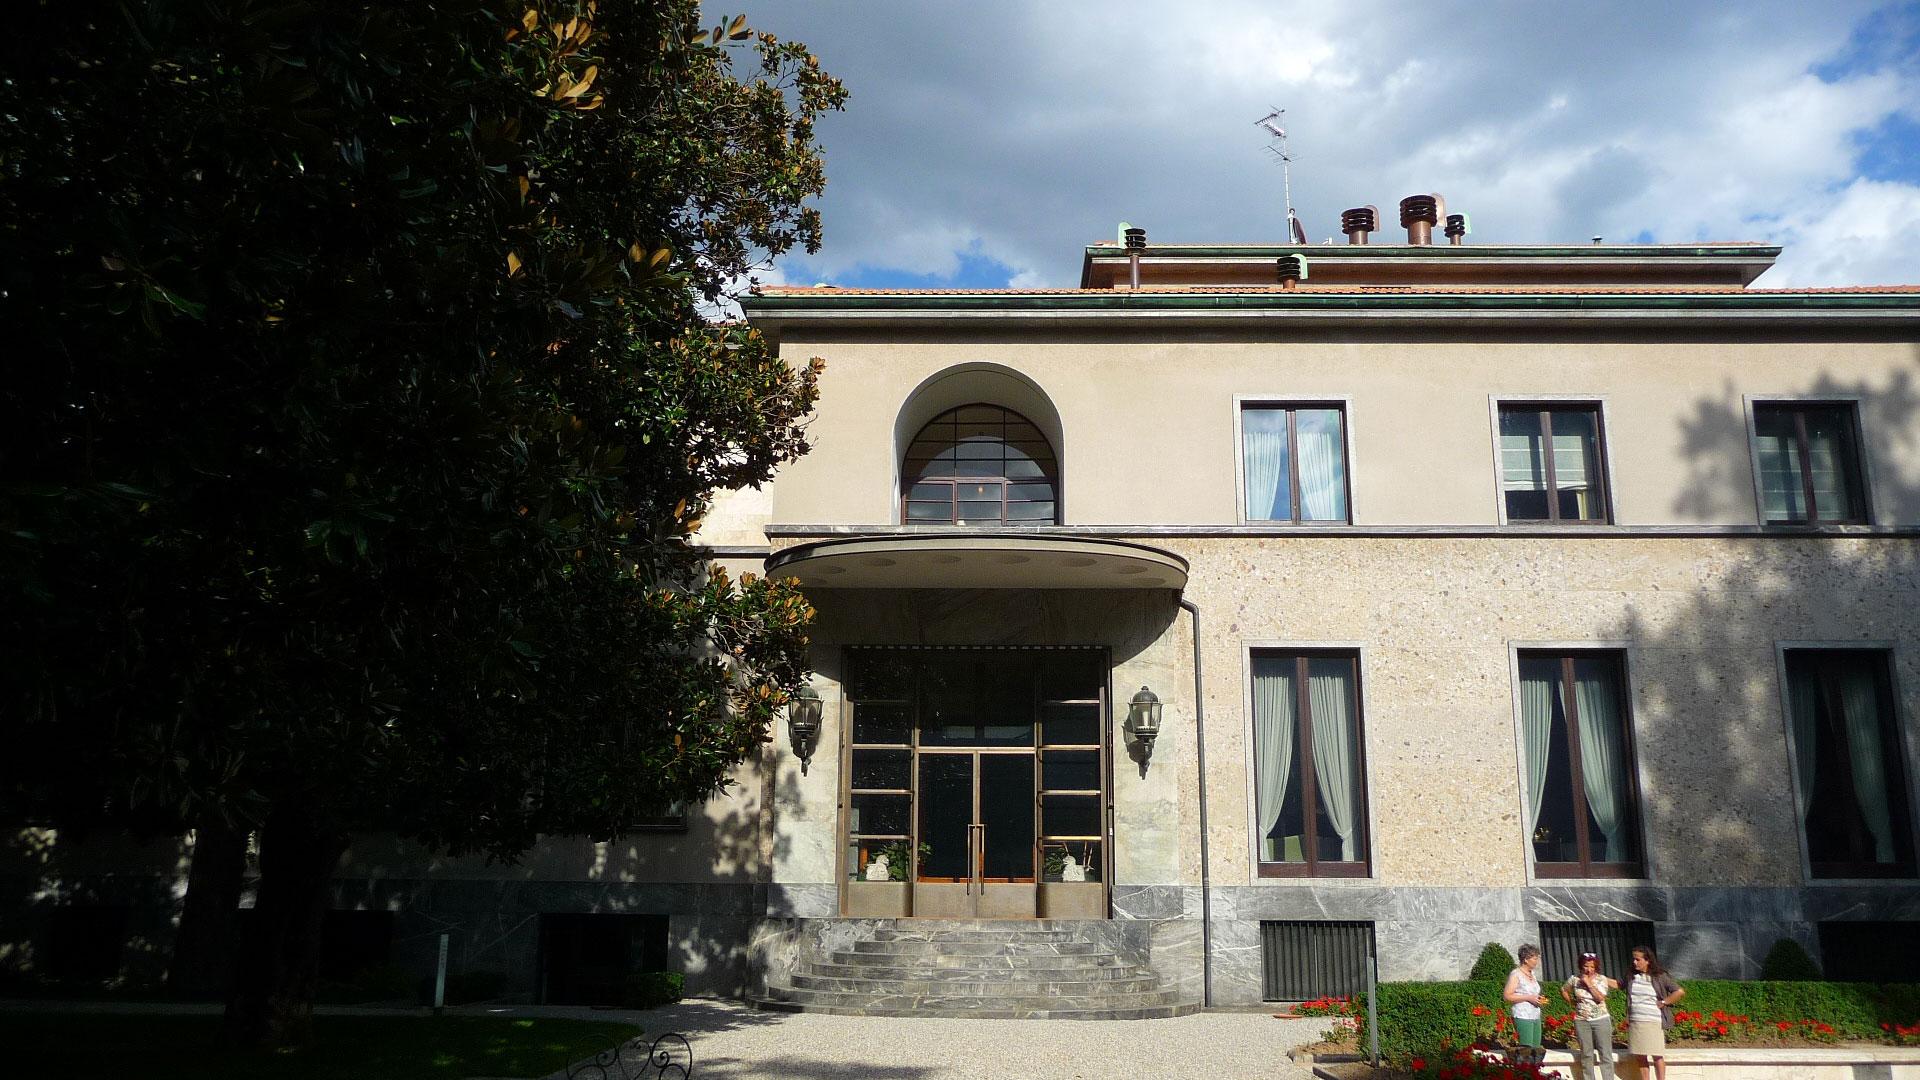 Un segreto di milano villa necchi campiglio blog per for Villa necchi campiglio milano